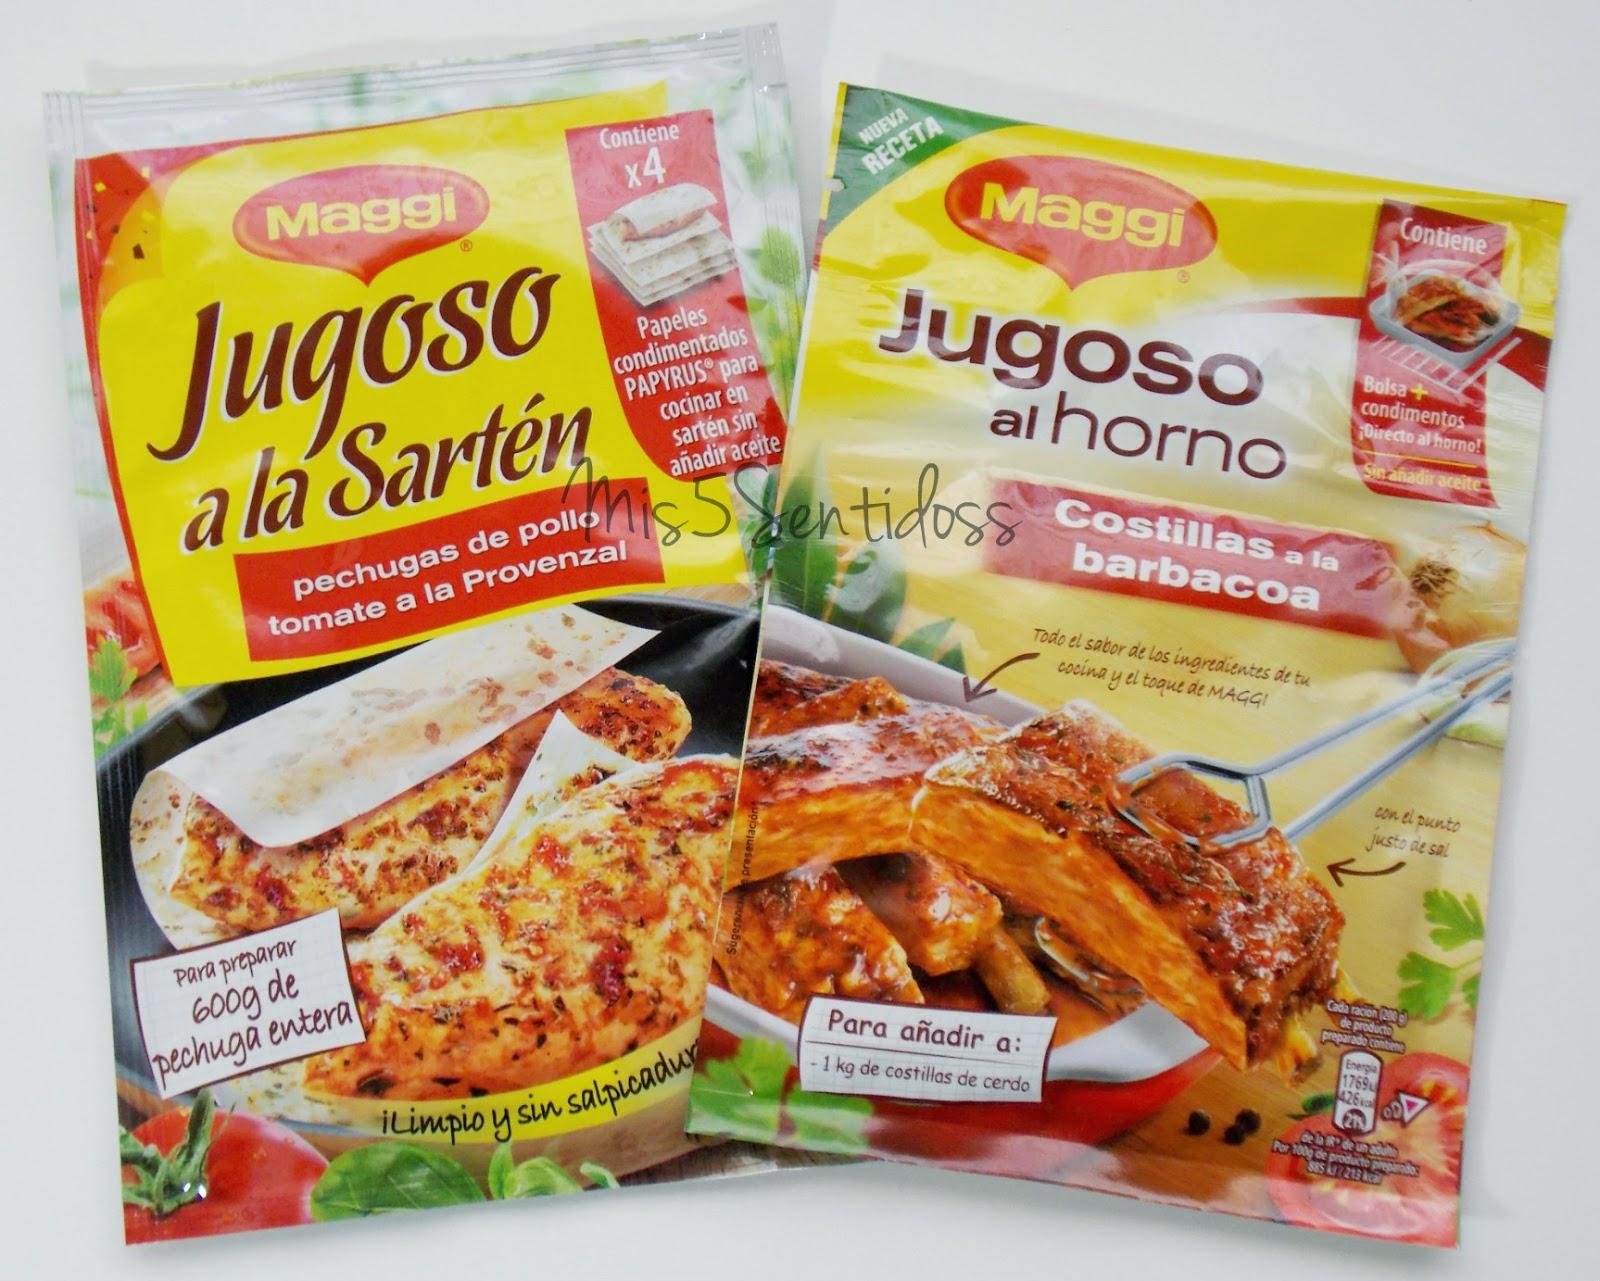 Degustabox Maggi jugoso a la sartén y jugoso al horno